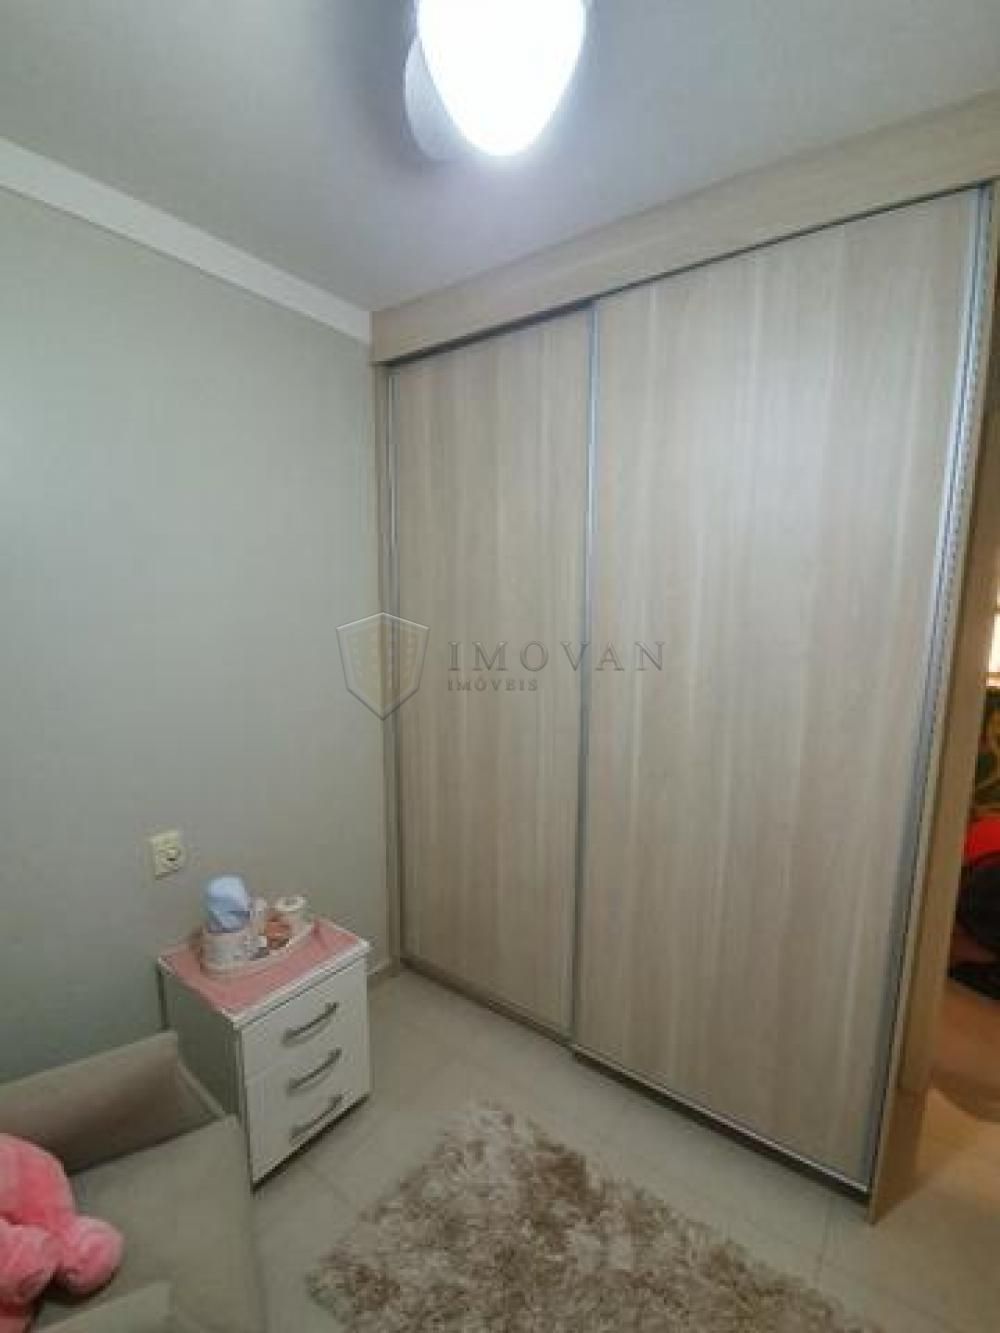 Comprar Apartamento / Padrão em Ribeirão Preto apenas R$ 680.000,00 - Foto 10